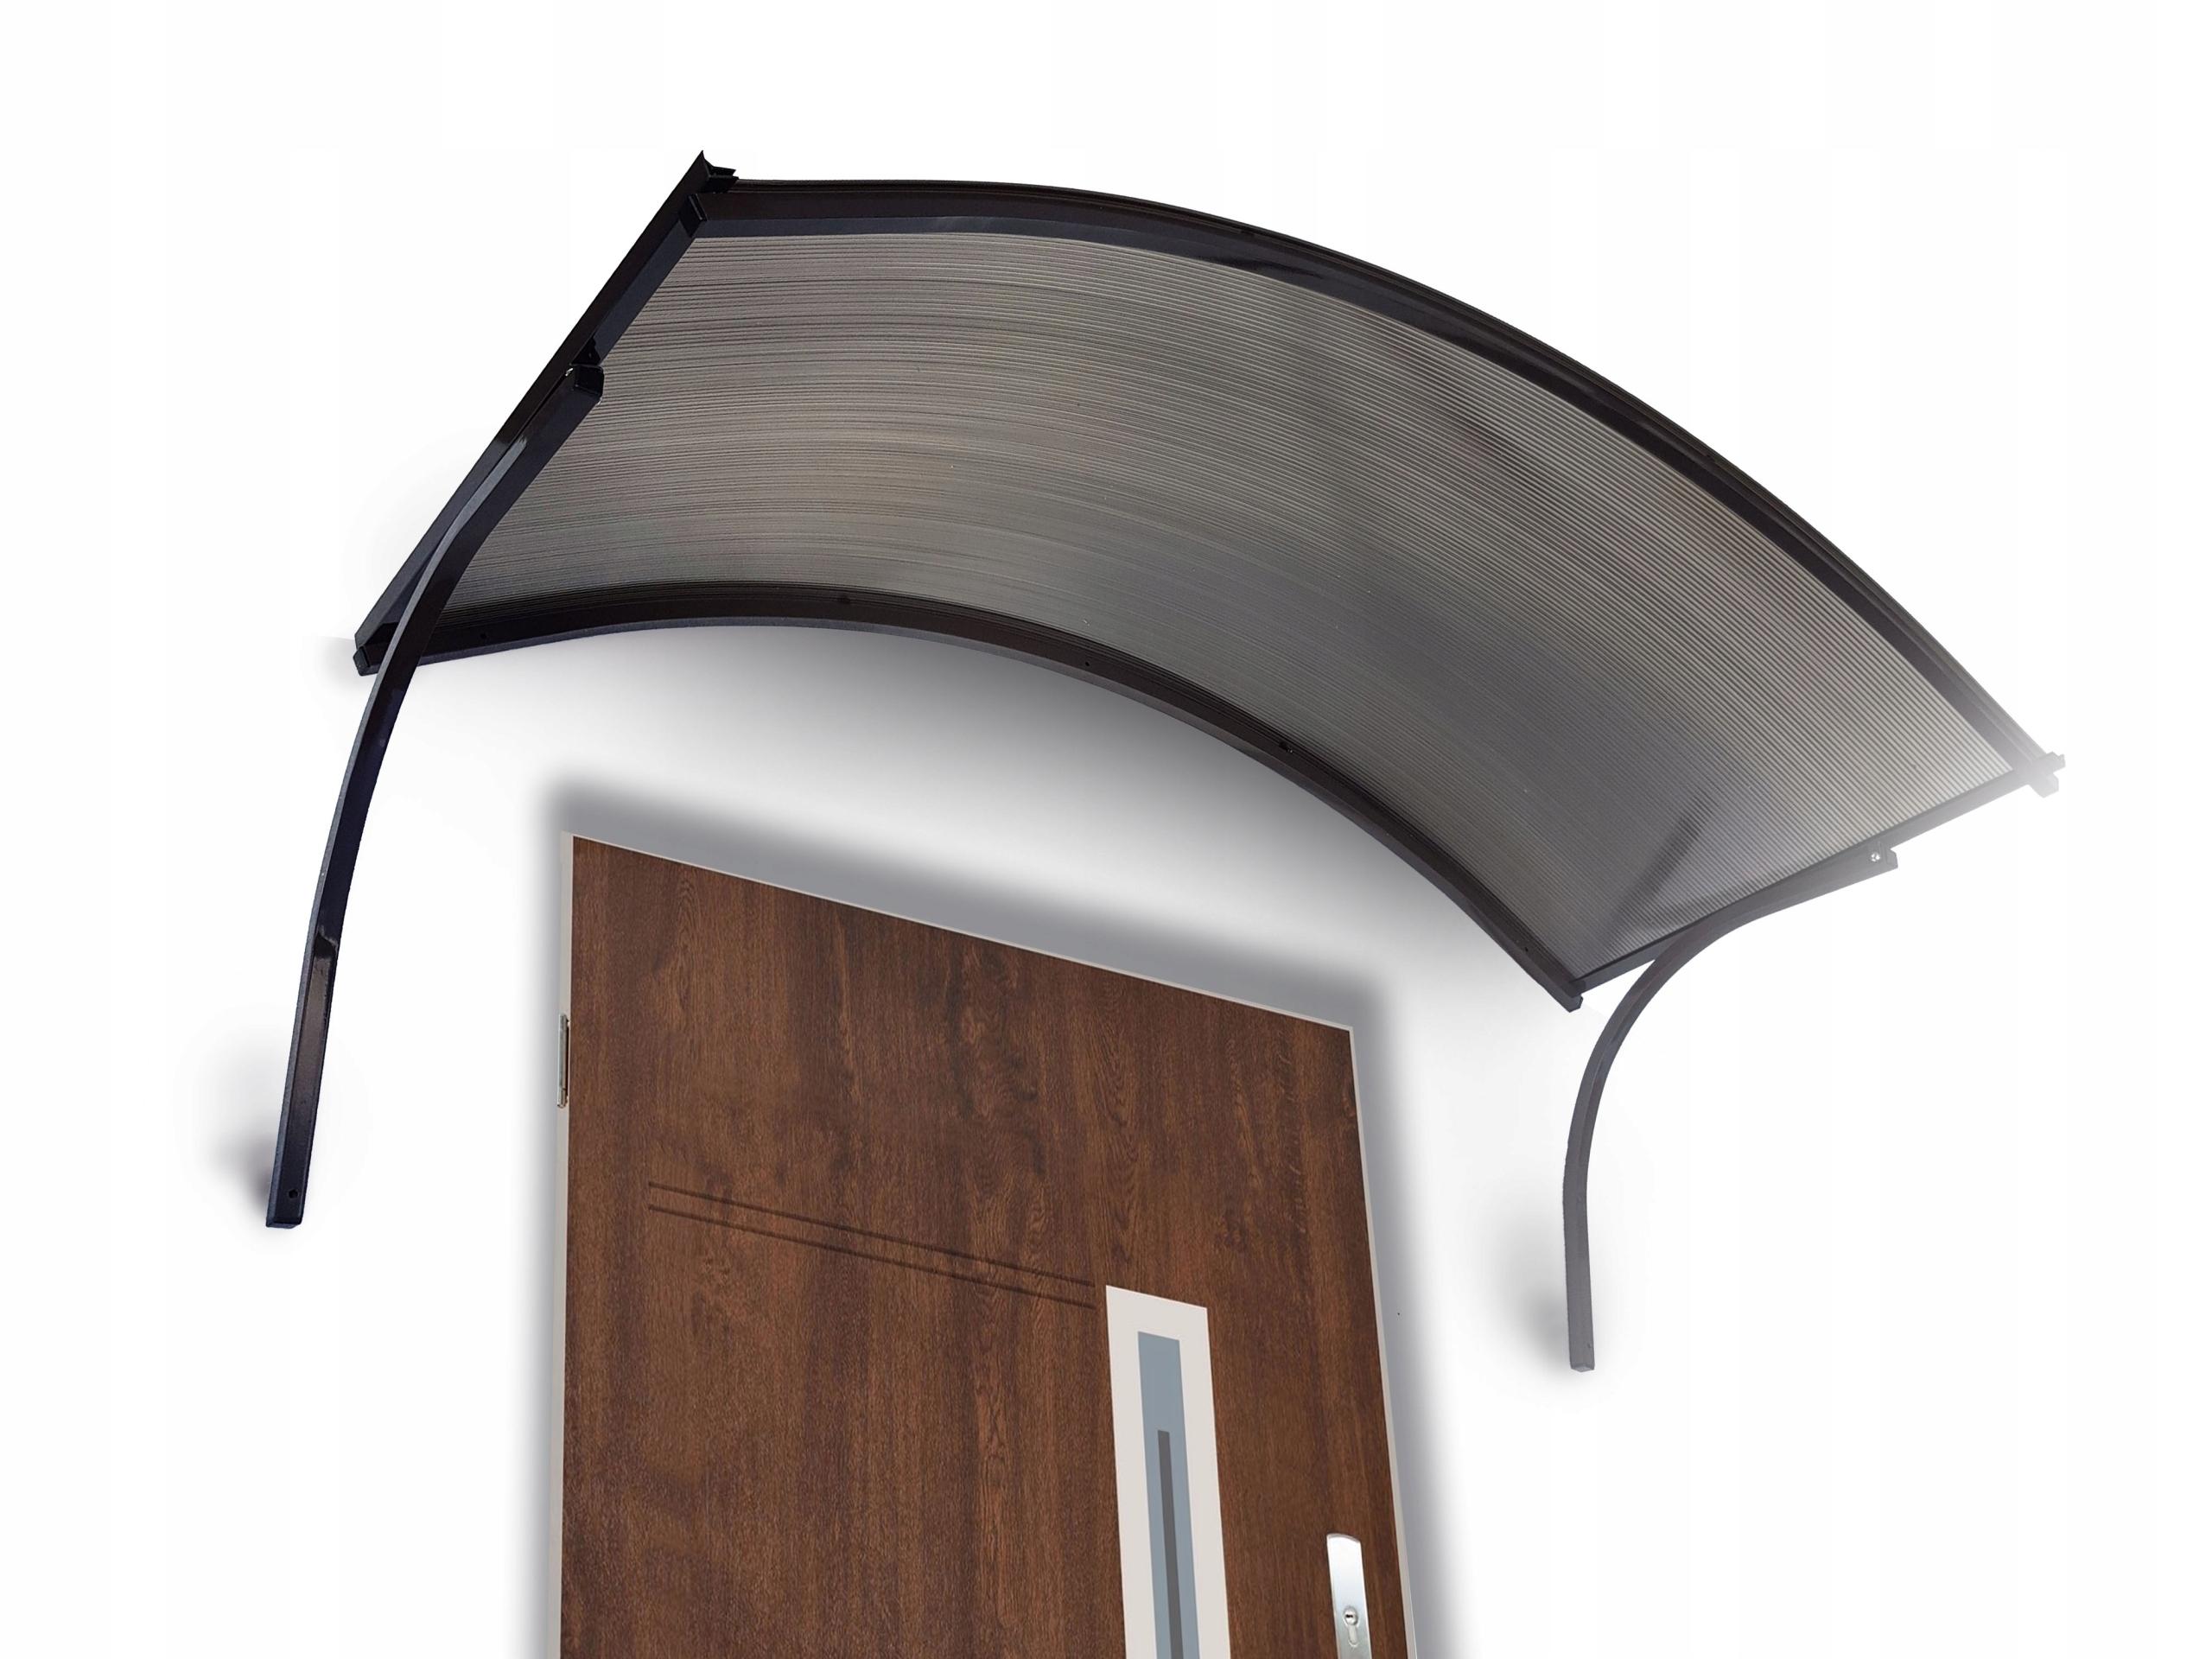 Strieška nad dvere, strešná krytina 130x25x70 s podperami